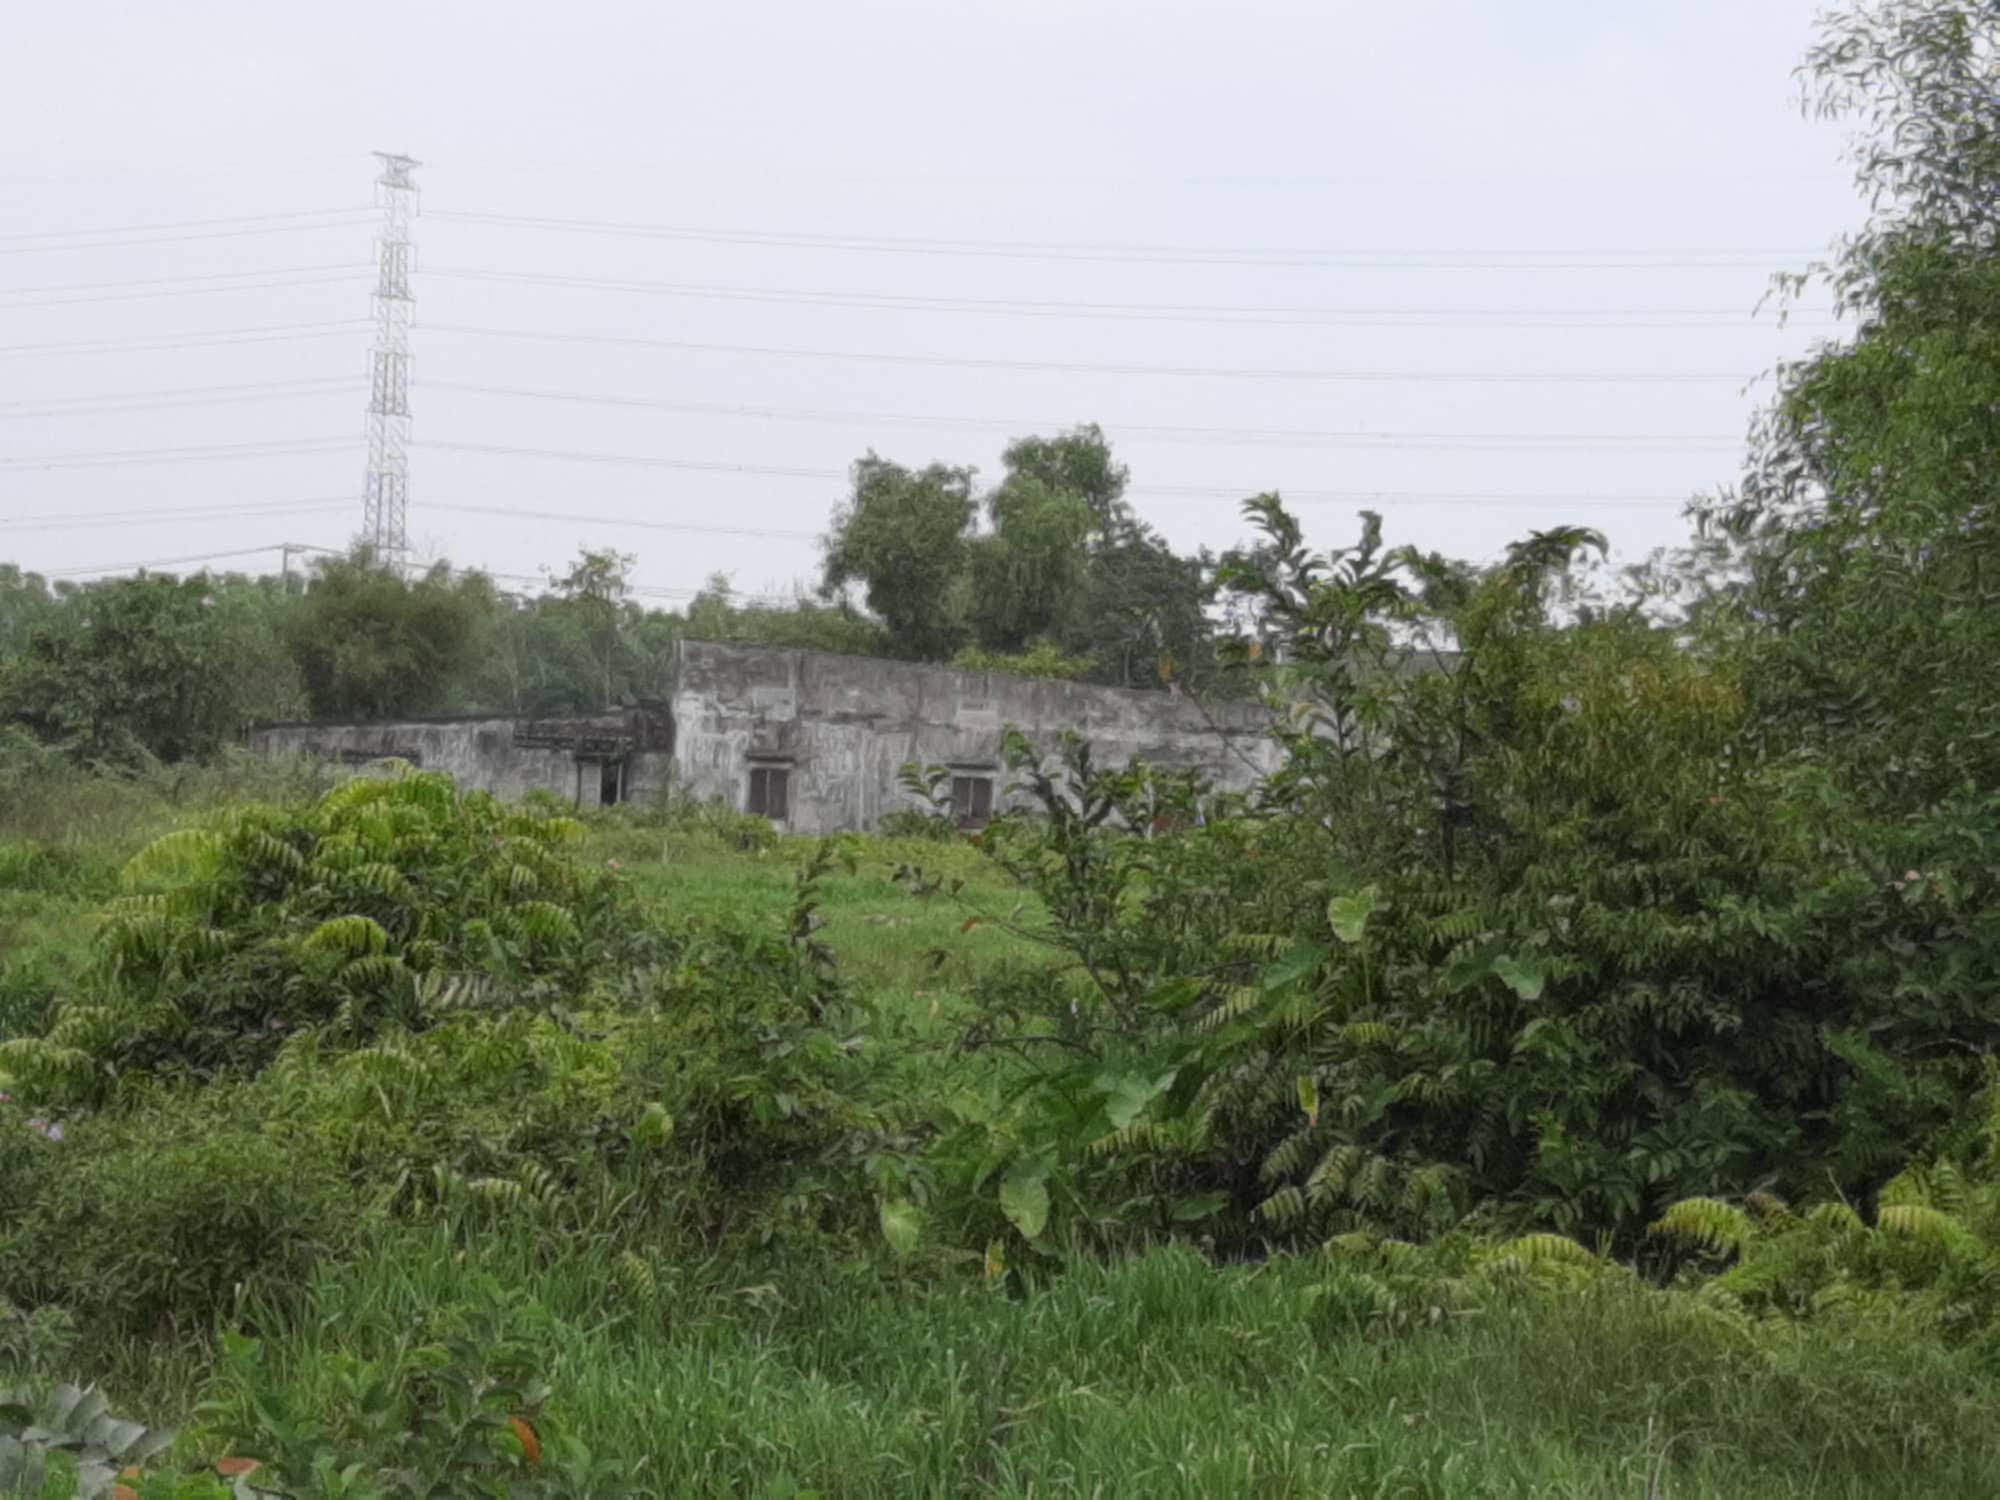 Cận cảnh căn nhà bỏ hoang nơi Tuấn Khỉ bị tiêu diệt - Ảnh 1.